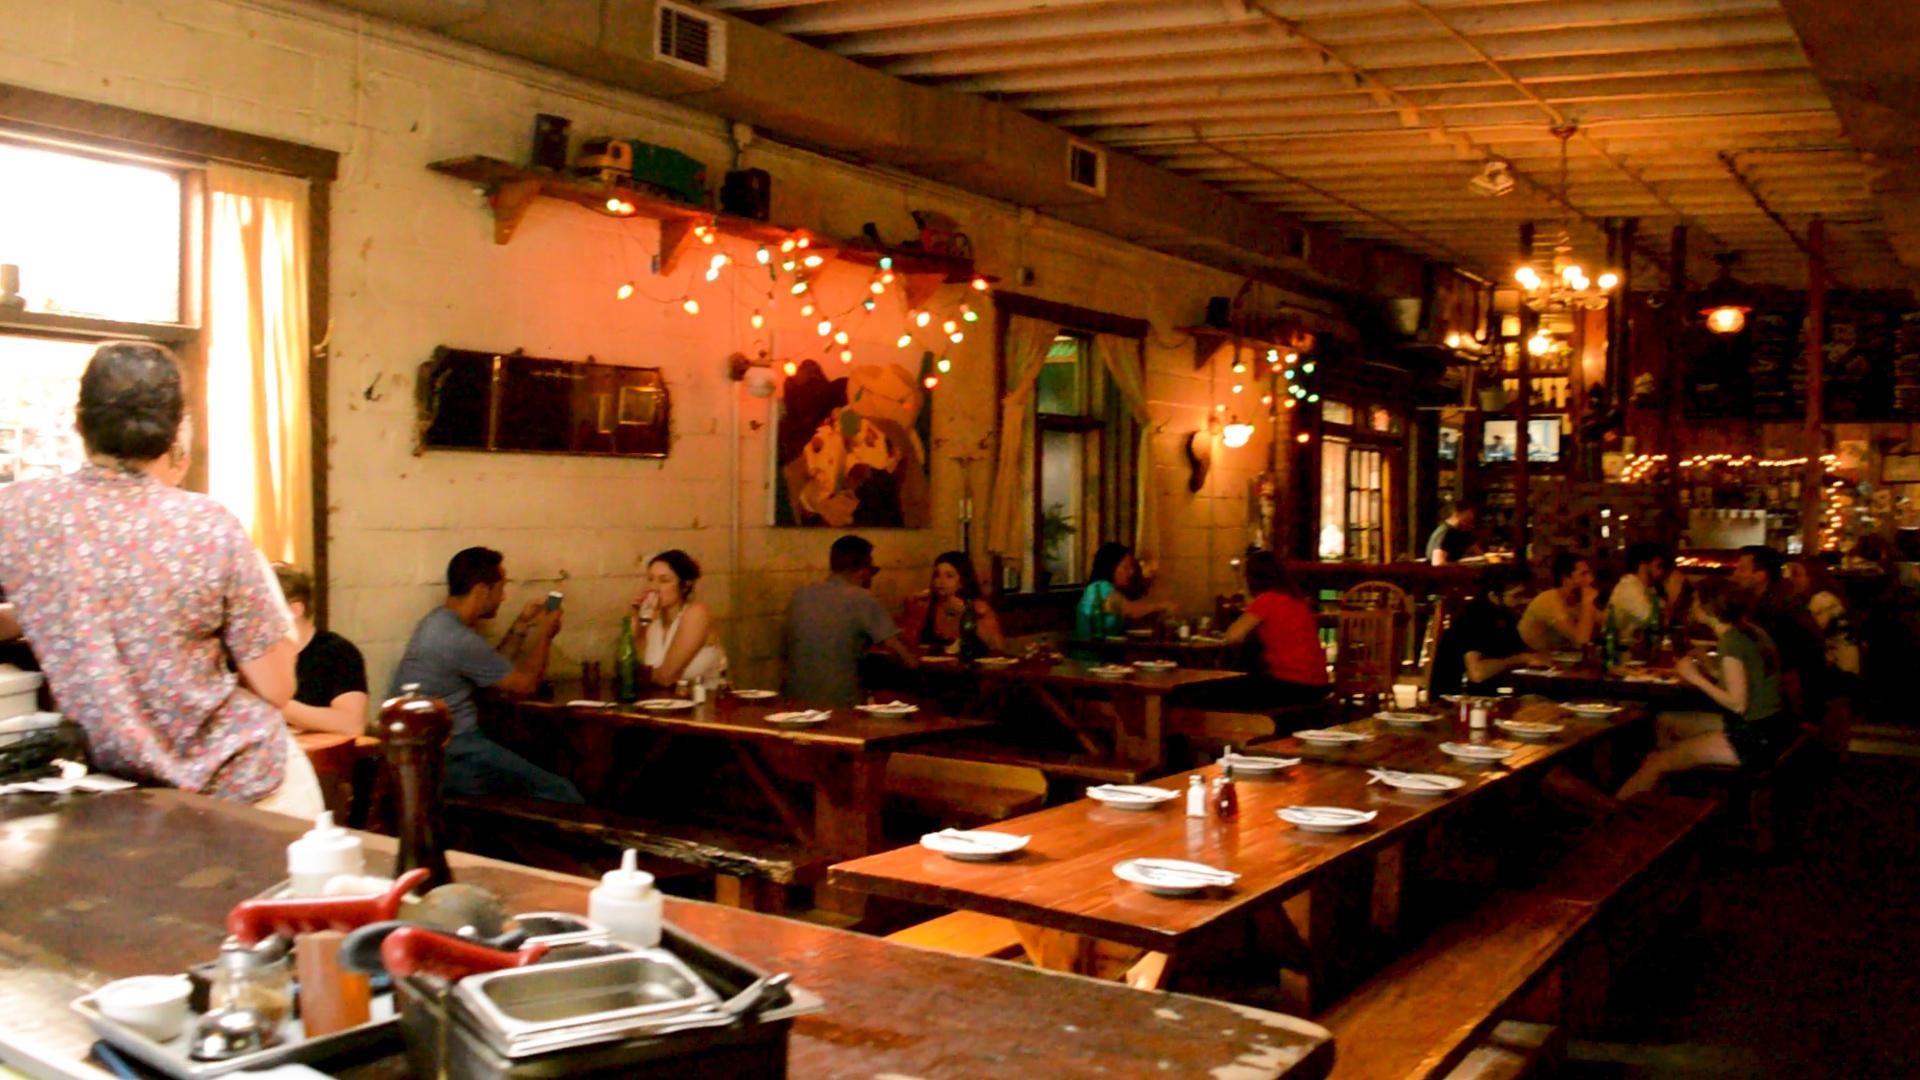 Imagen de jóvenes disfrutando de comida y bebida en un bar en Bushwick, Brooklyn.